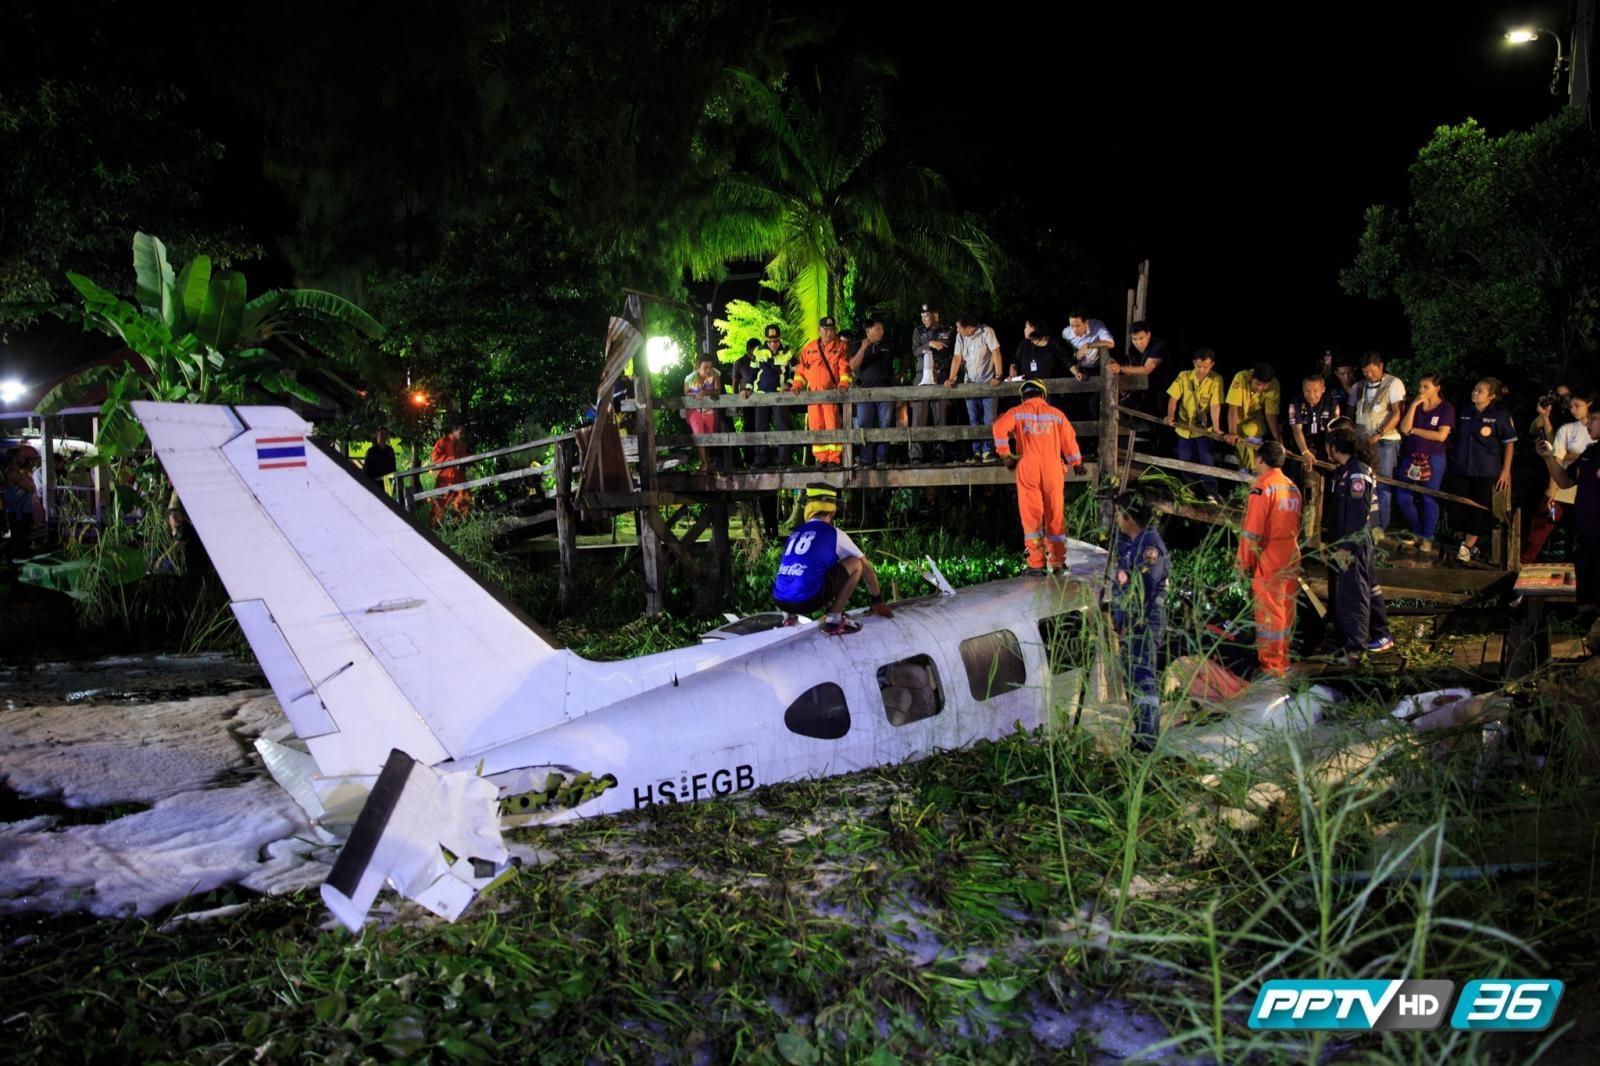 7 ชั่วโมง ภารกิจกู้ซากเครื่องบินตก พบเสียชีวิต 1 ราย